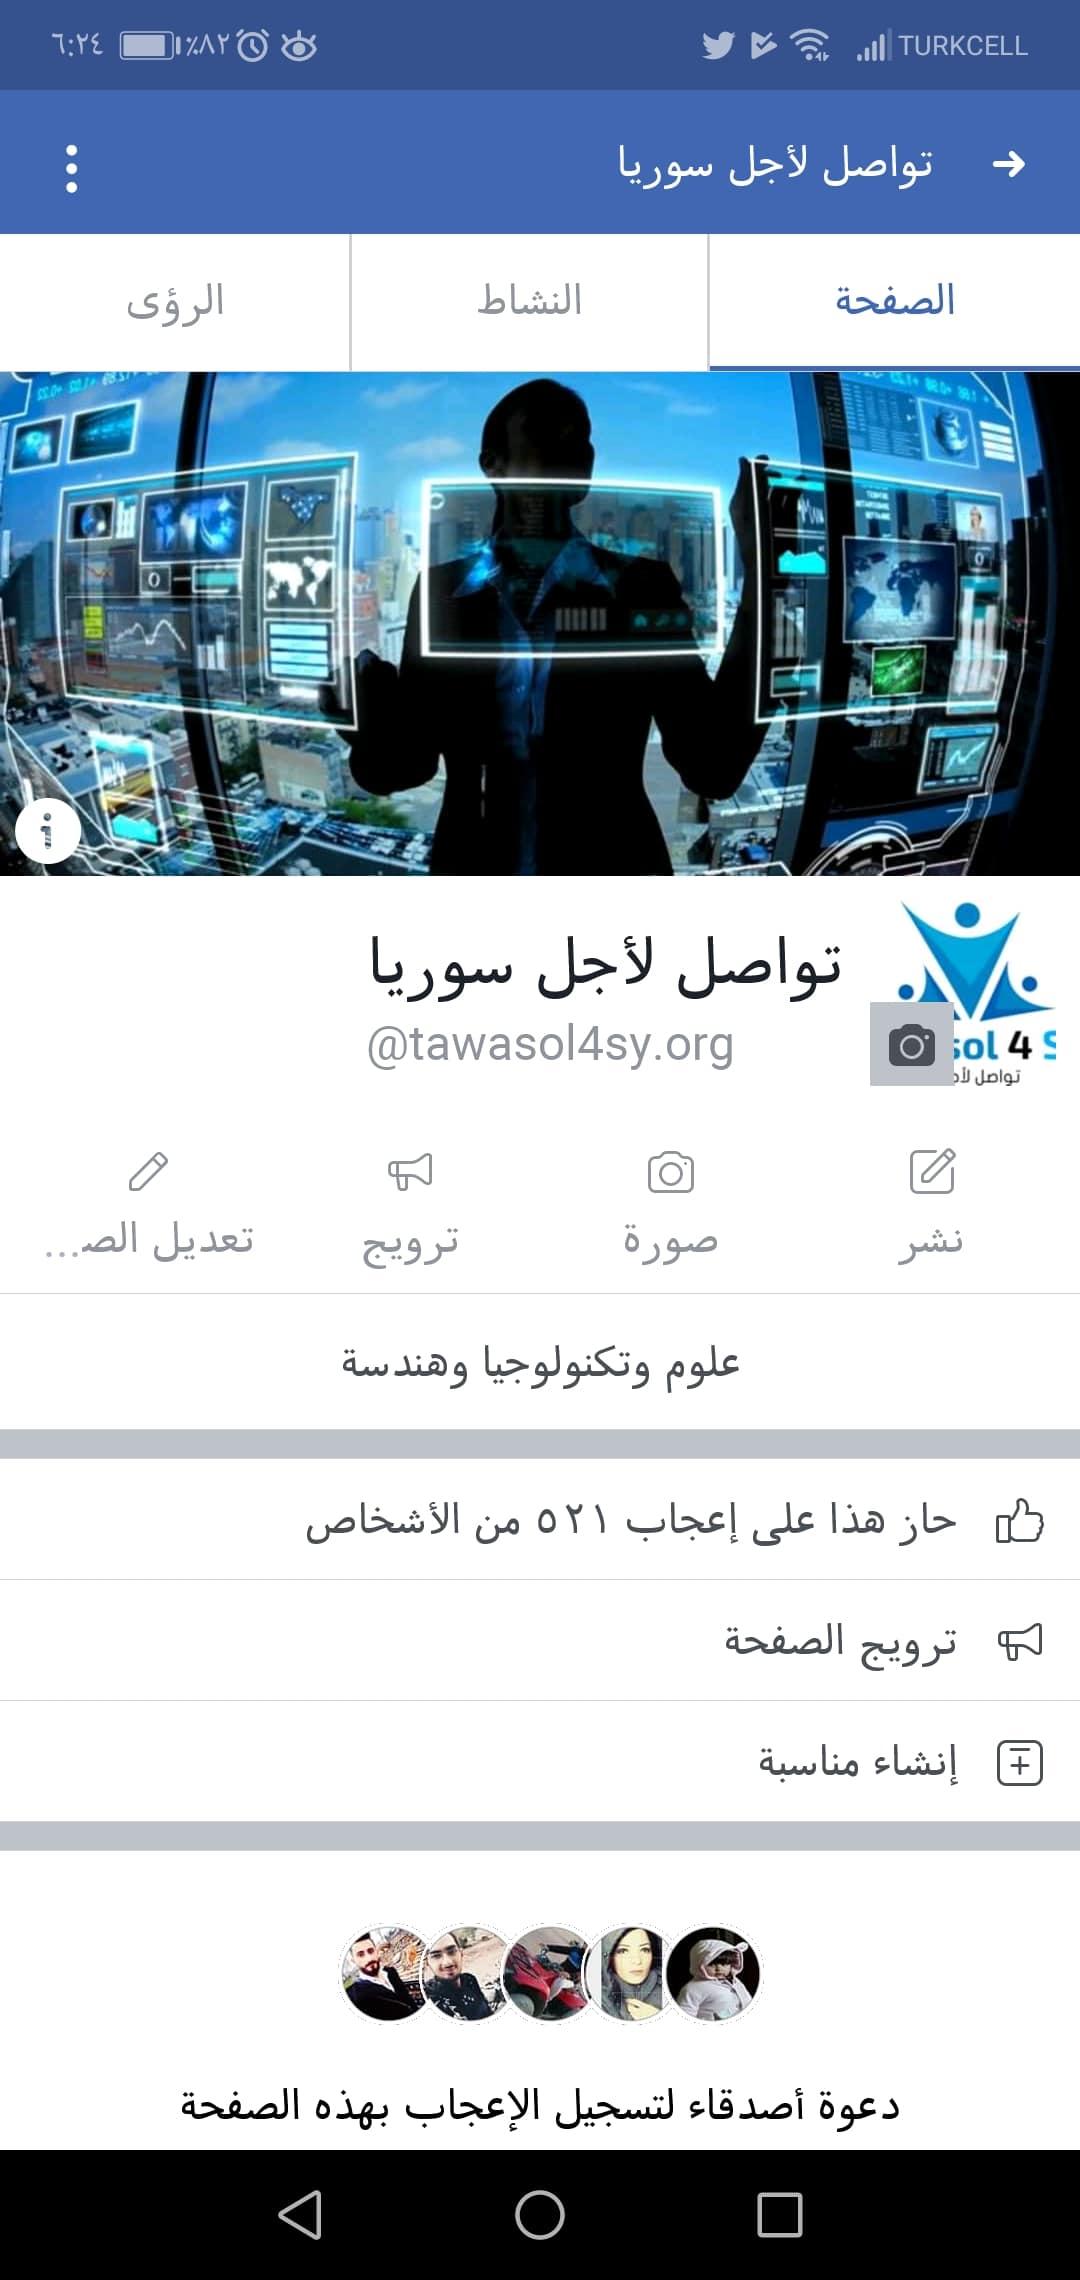 تحميل فيس بوك لايت 2